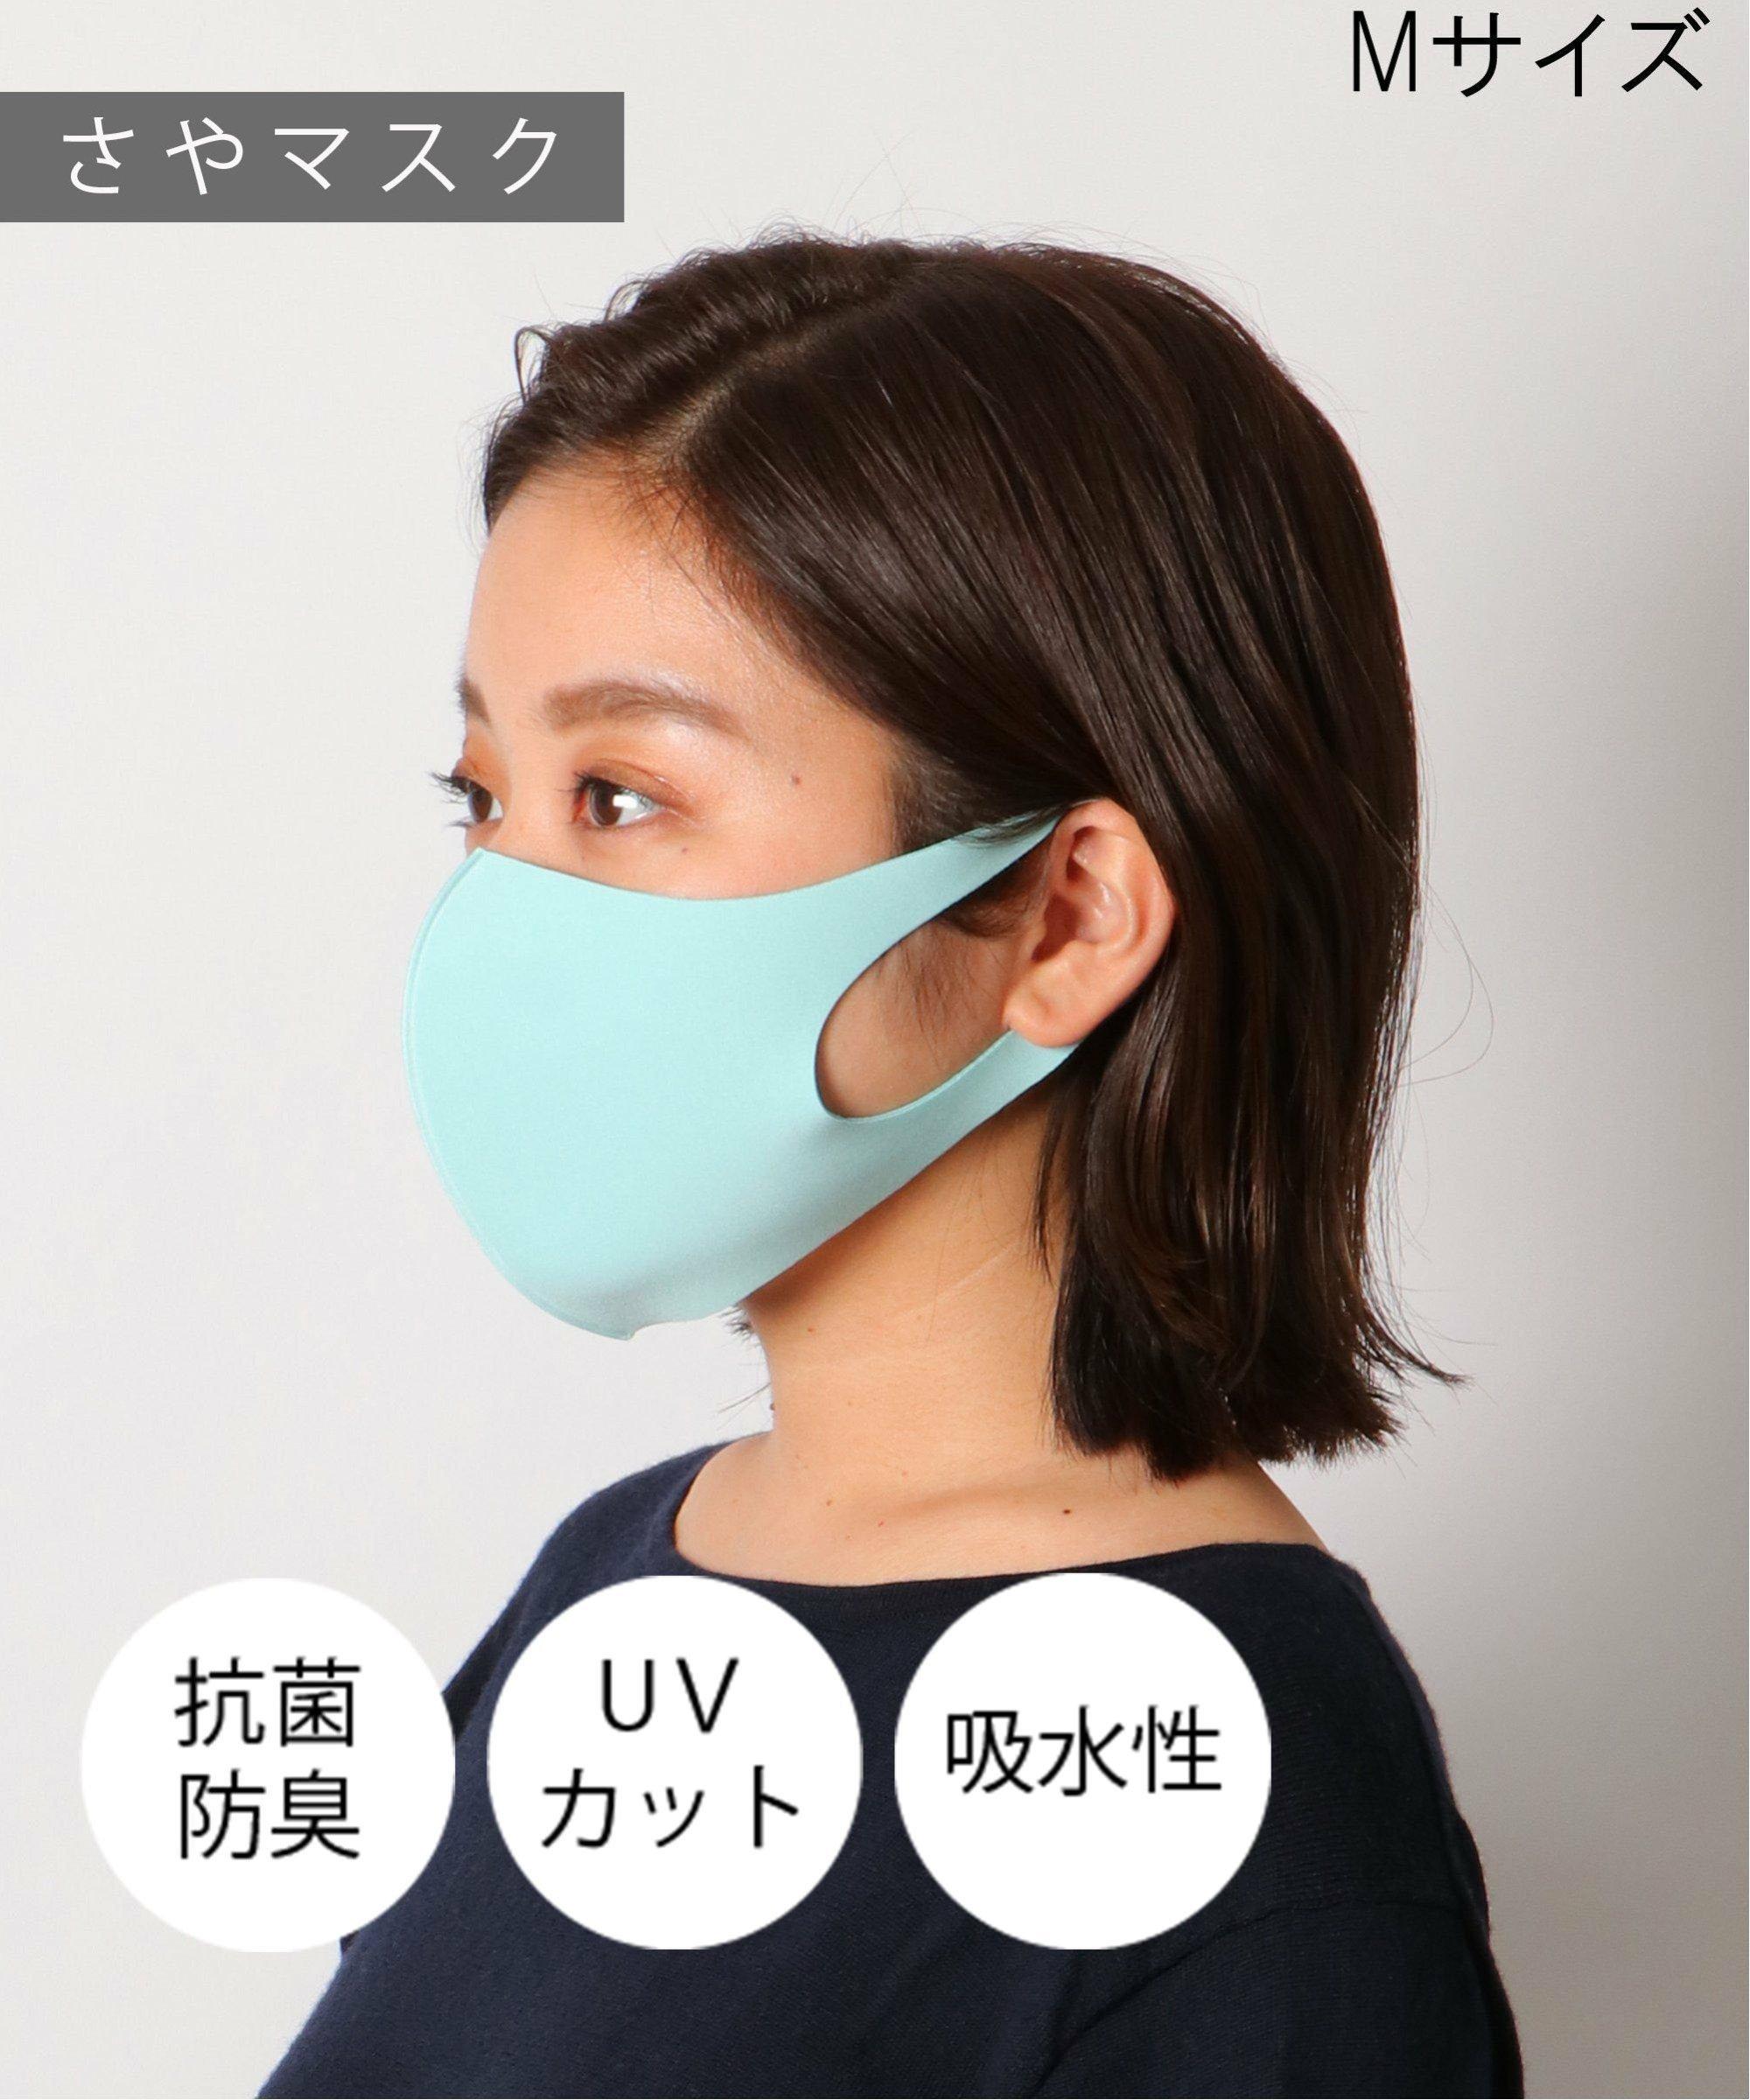 【おとな用】 清マスク(さやマスク) スカイブルー